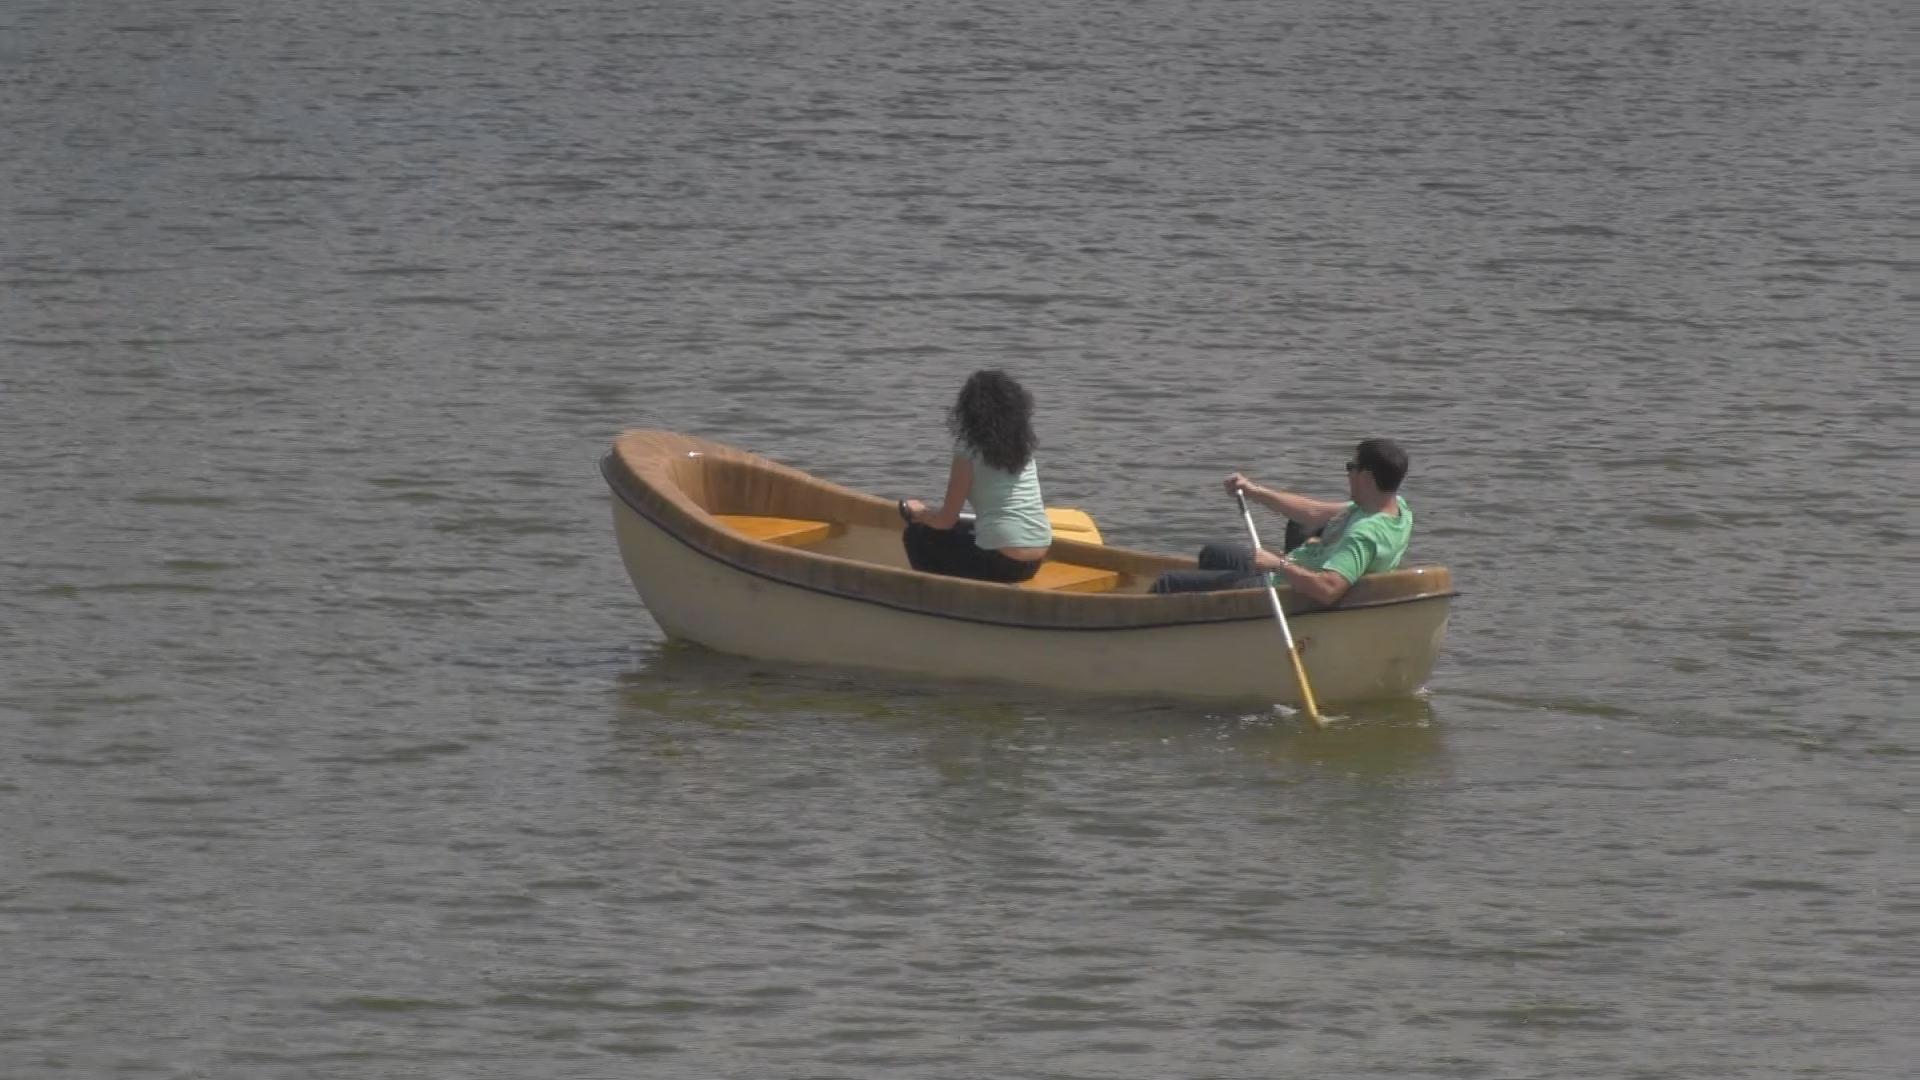 Ha kiesel a csónakból, fel kell állni és vissza kell szállni